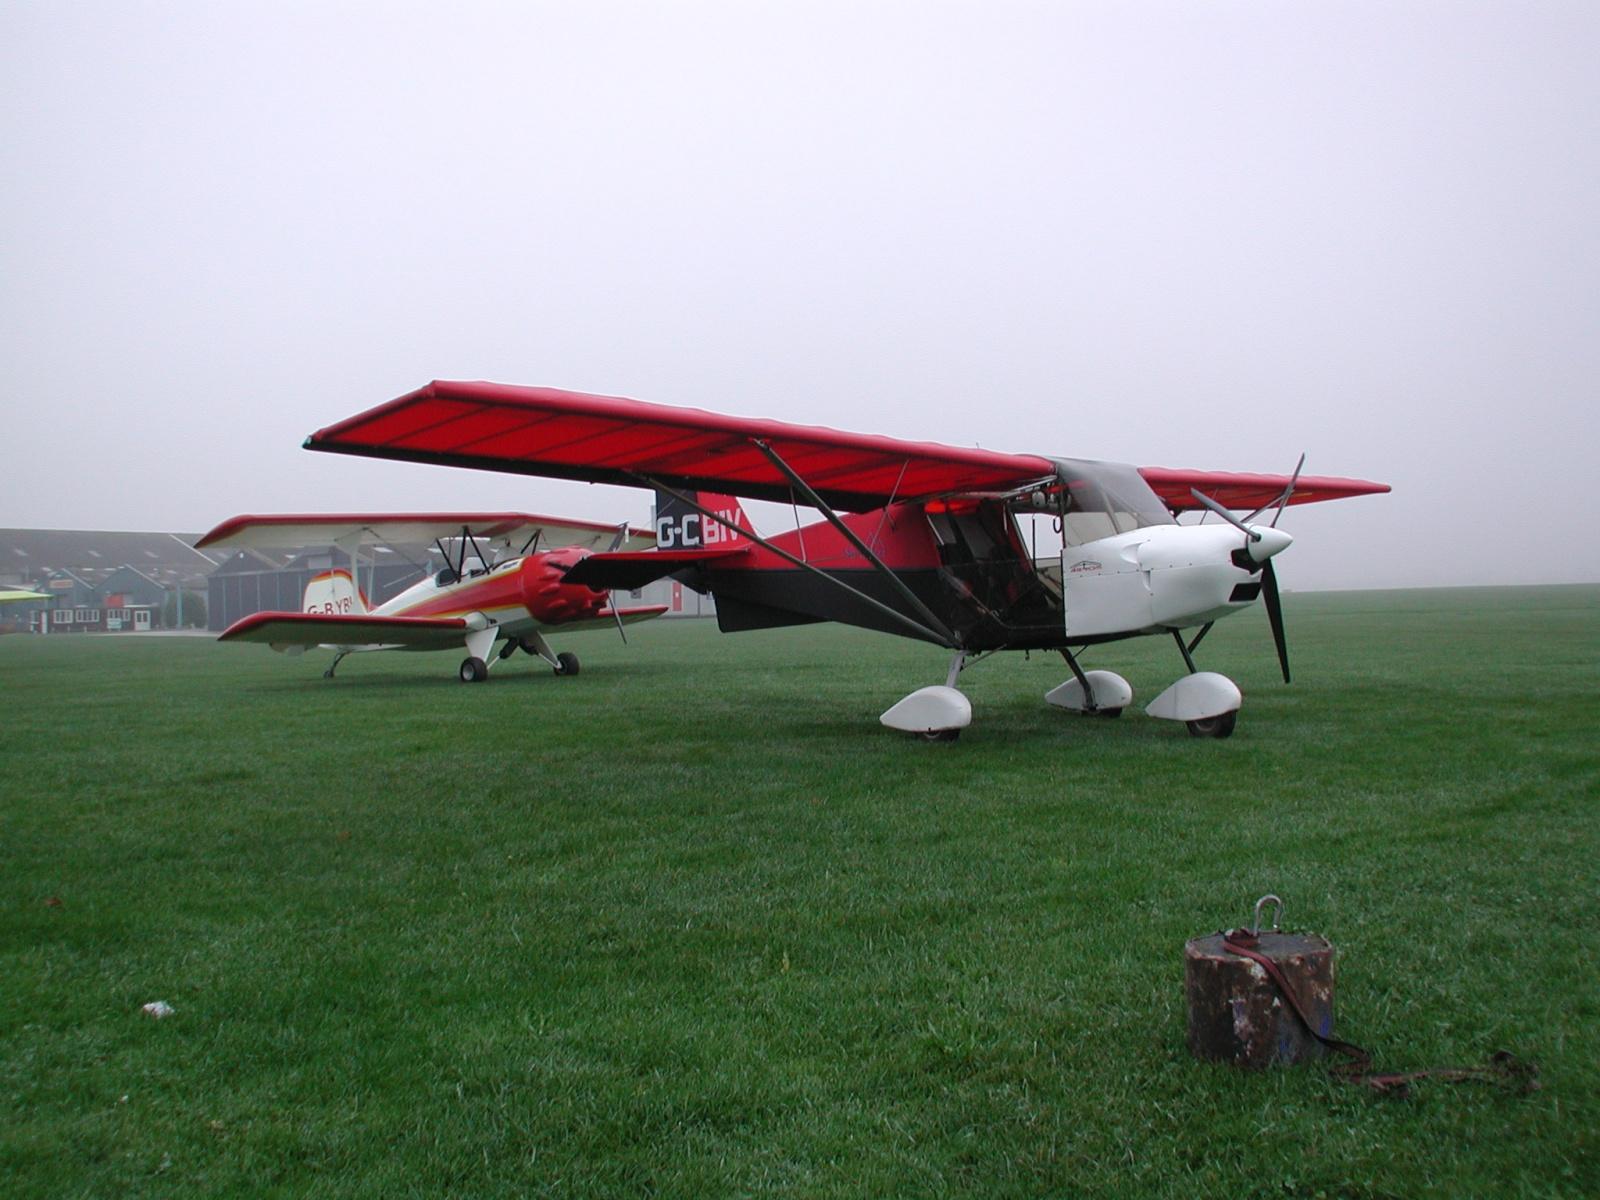 dscn5263